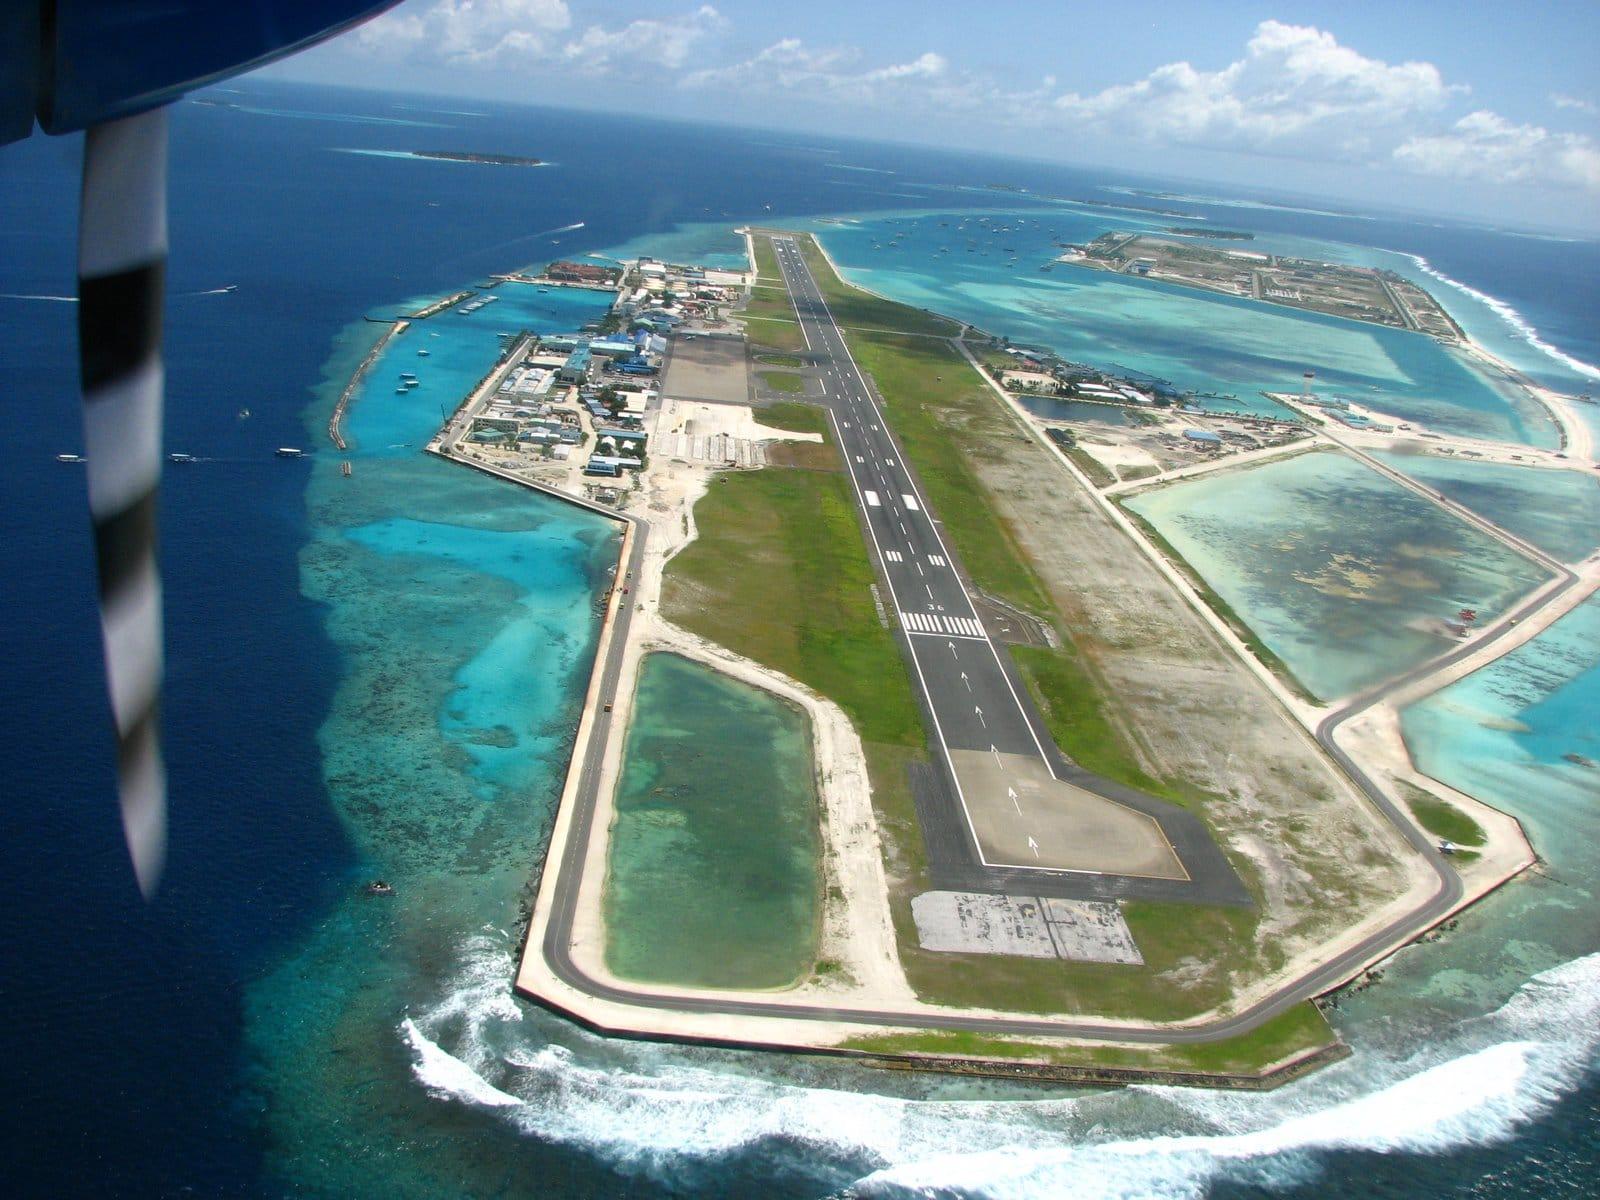 Çawa çawa digel Maldives û mobîliya navxweyî